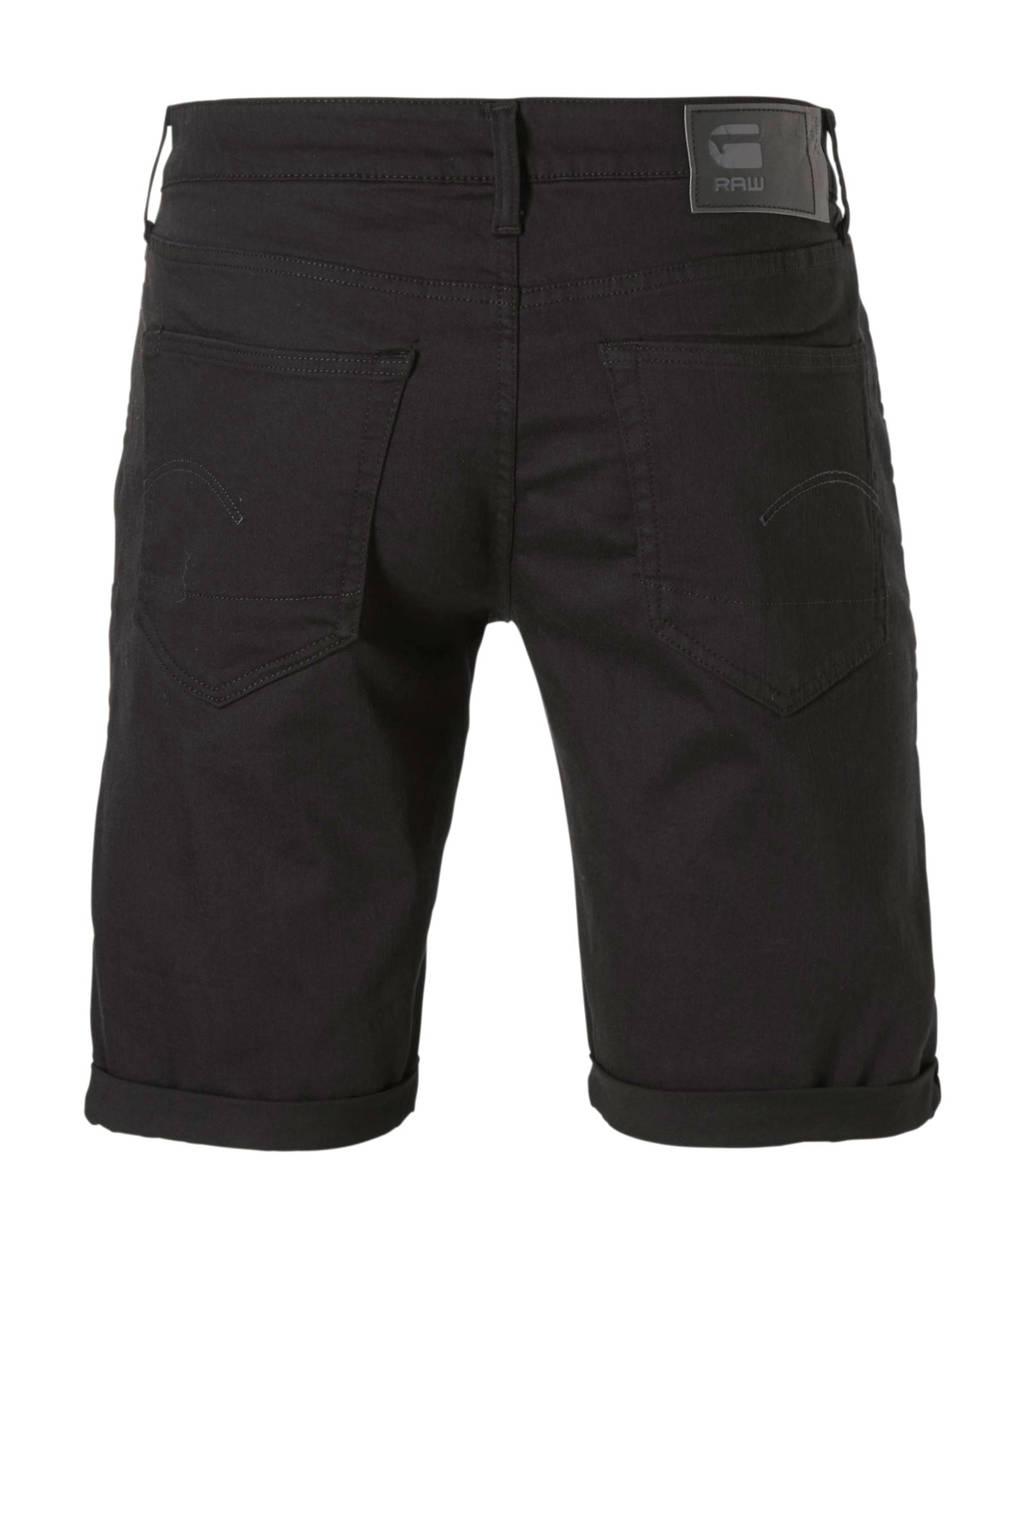 G-Star RAW 3301 slim fit bermuda zwart, Zwart